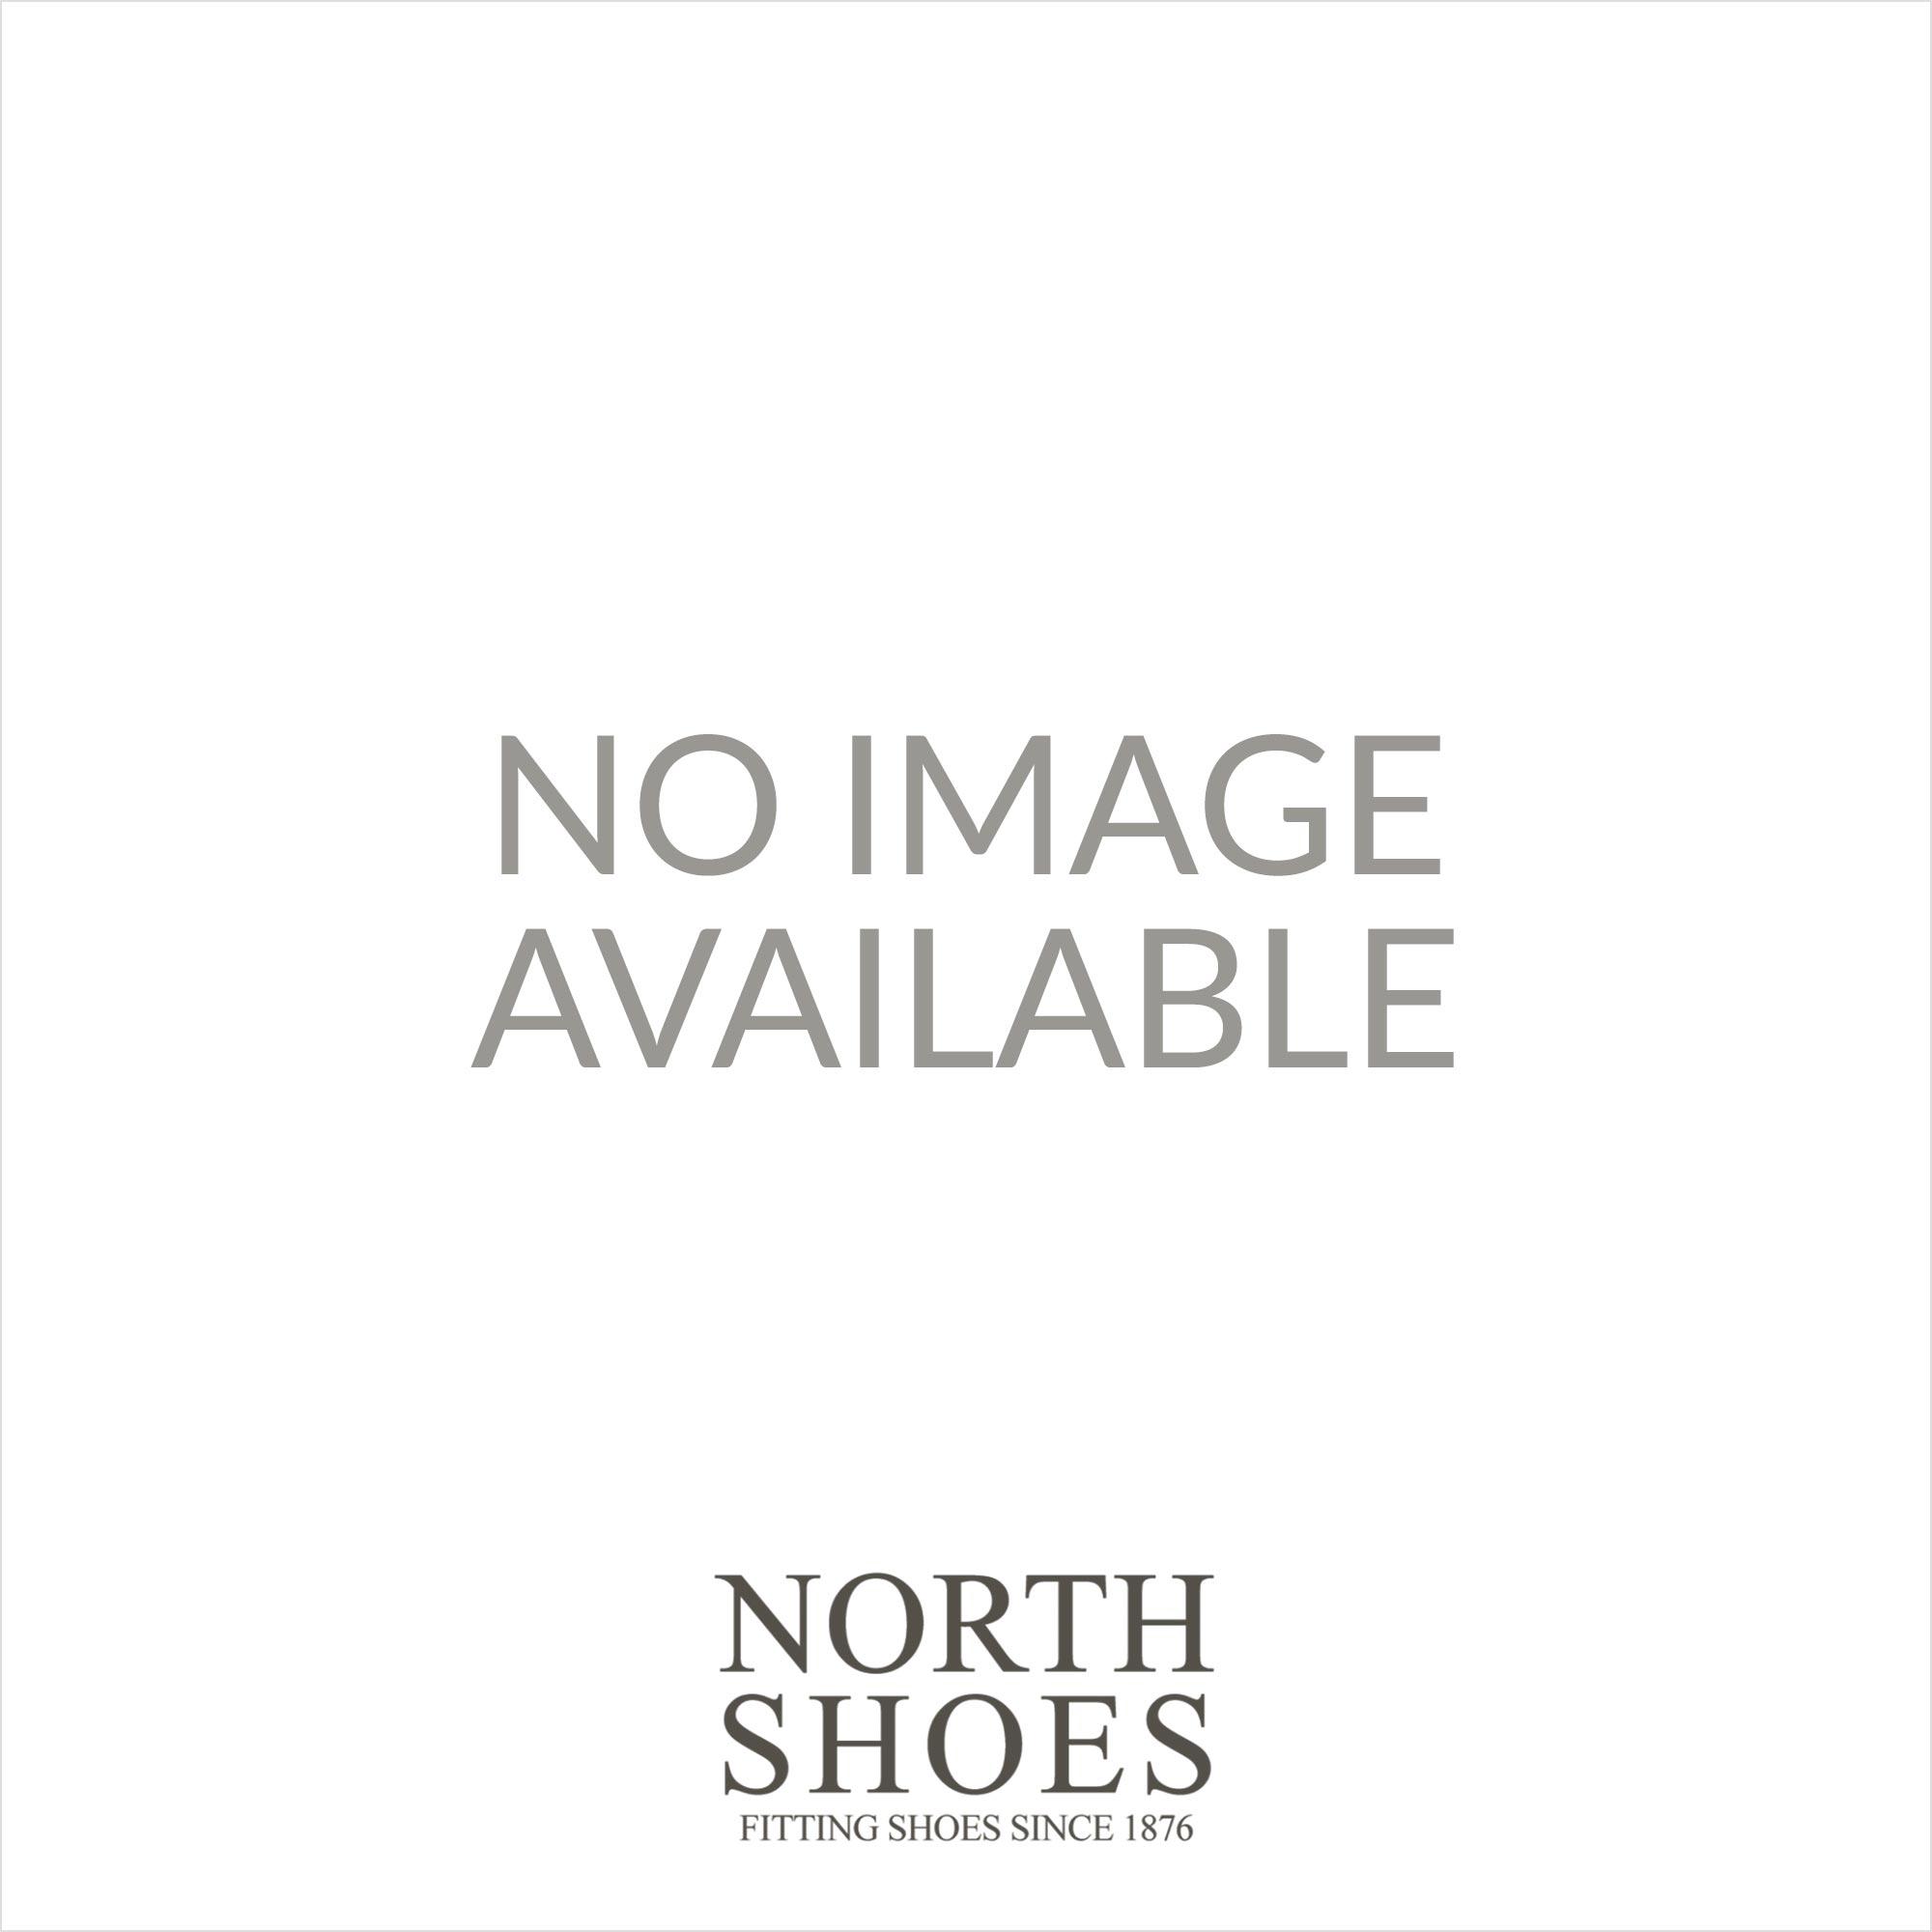 neueste trends hohe Qualitätsgarantie beste Qualität für Hegli 549818 143 001 Black Patent Leather Womens Lace/Zip Up Ankle Boots